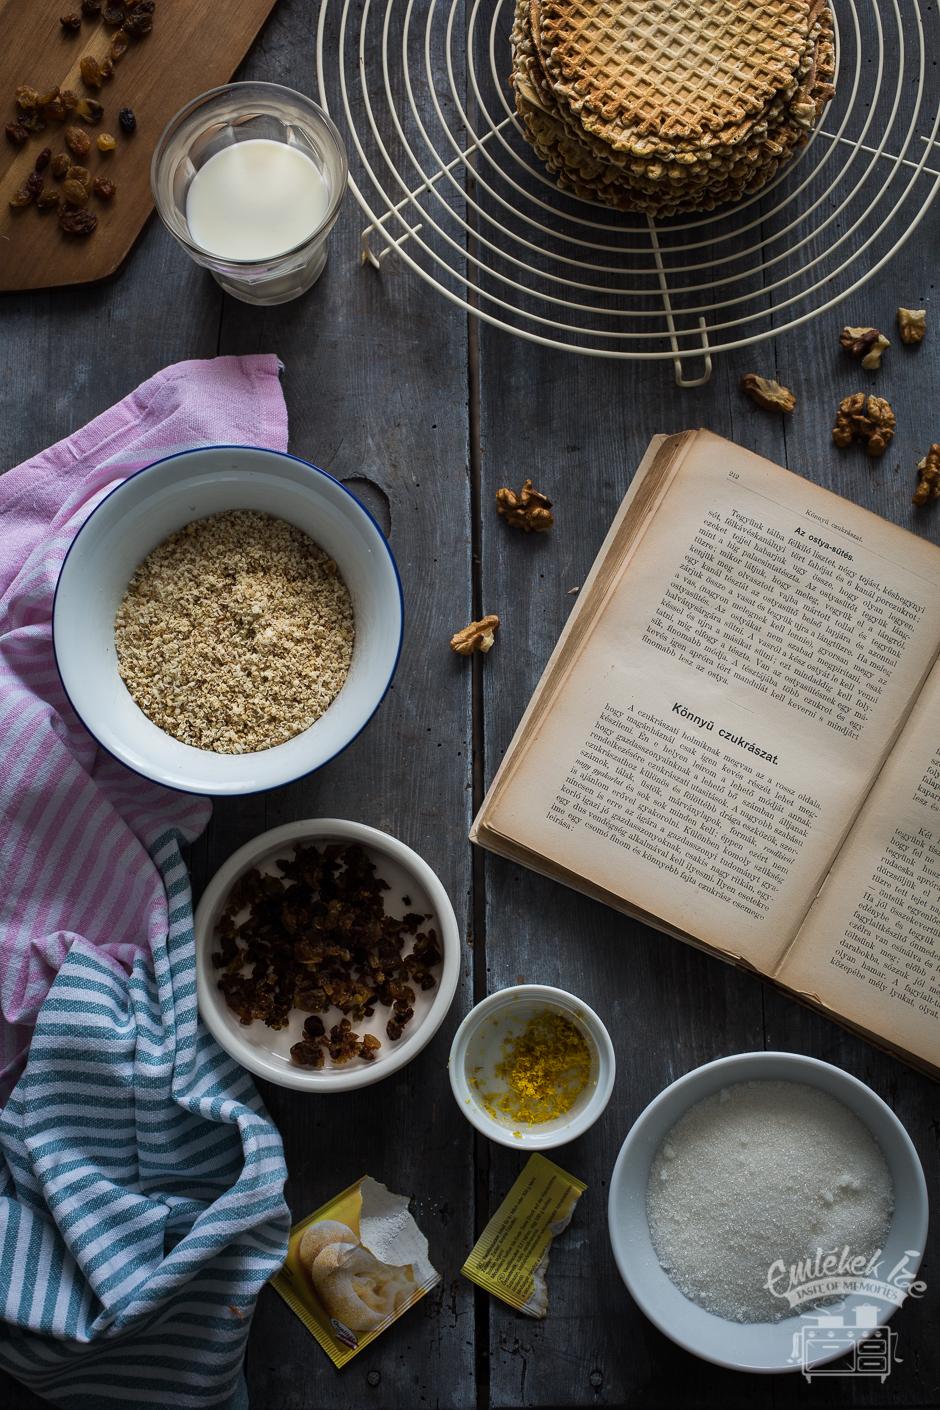 ostya recept 1891-ből az Emlékek Íze konyhájából